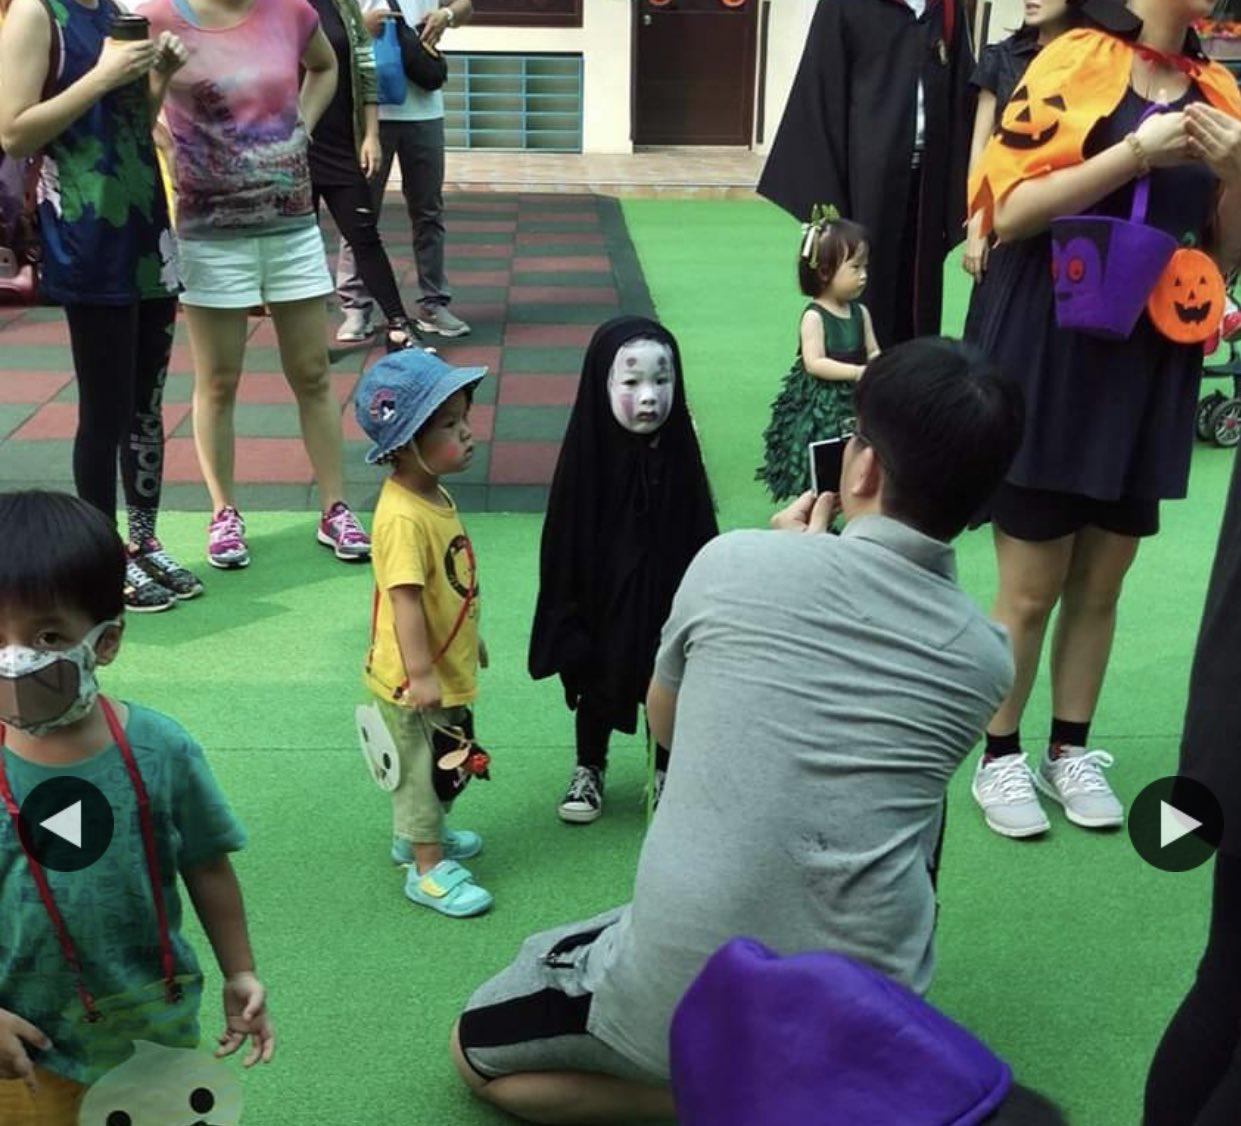 子供じゃなくても泣いてしまう?ハロウィンでカオナシのコスプレをする幼稚園児www